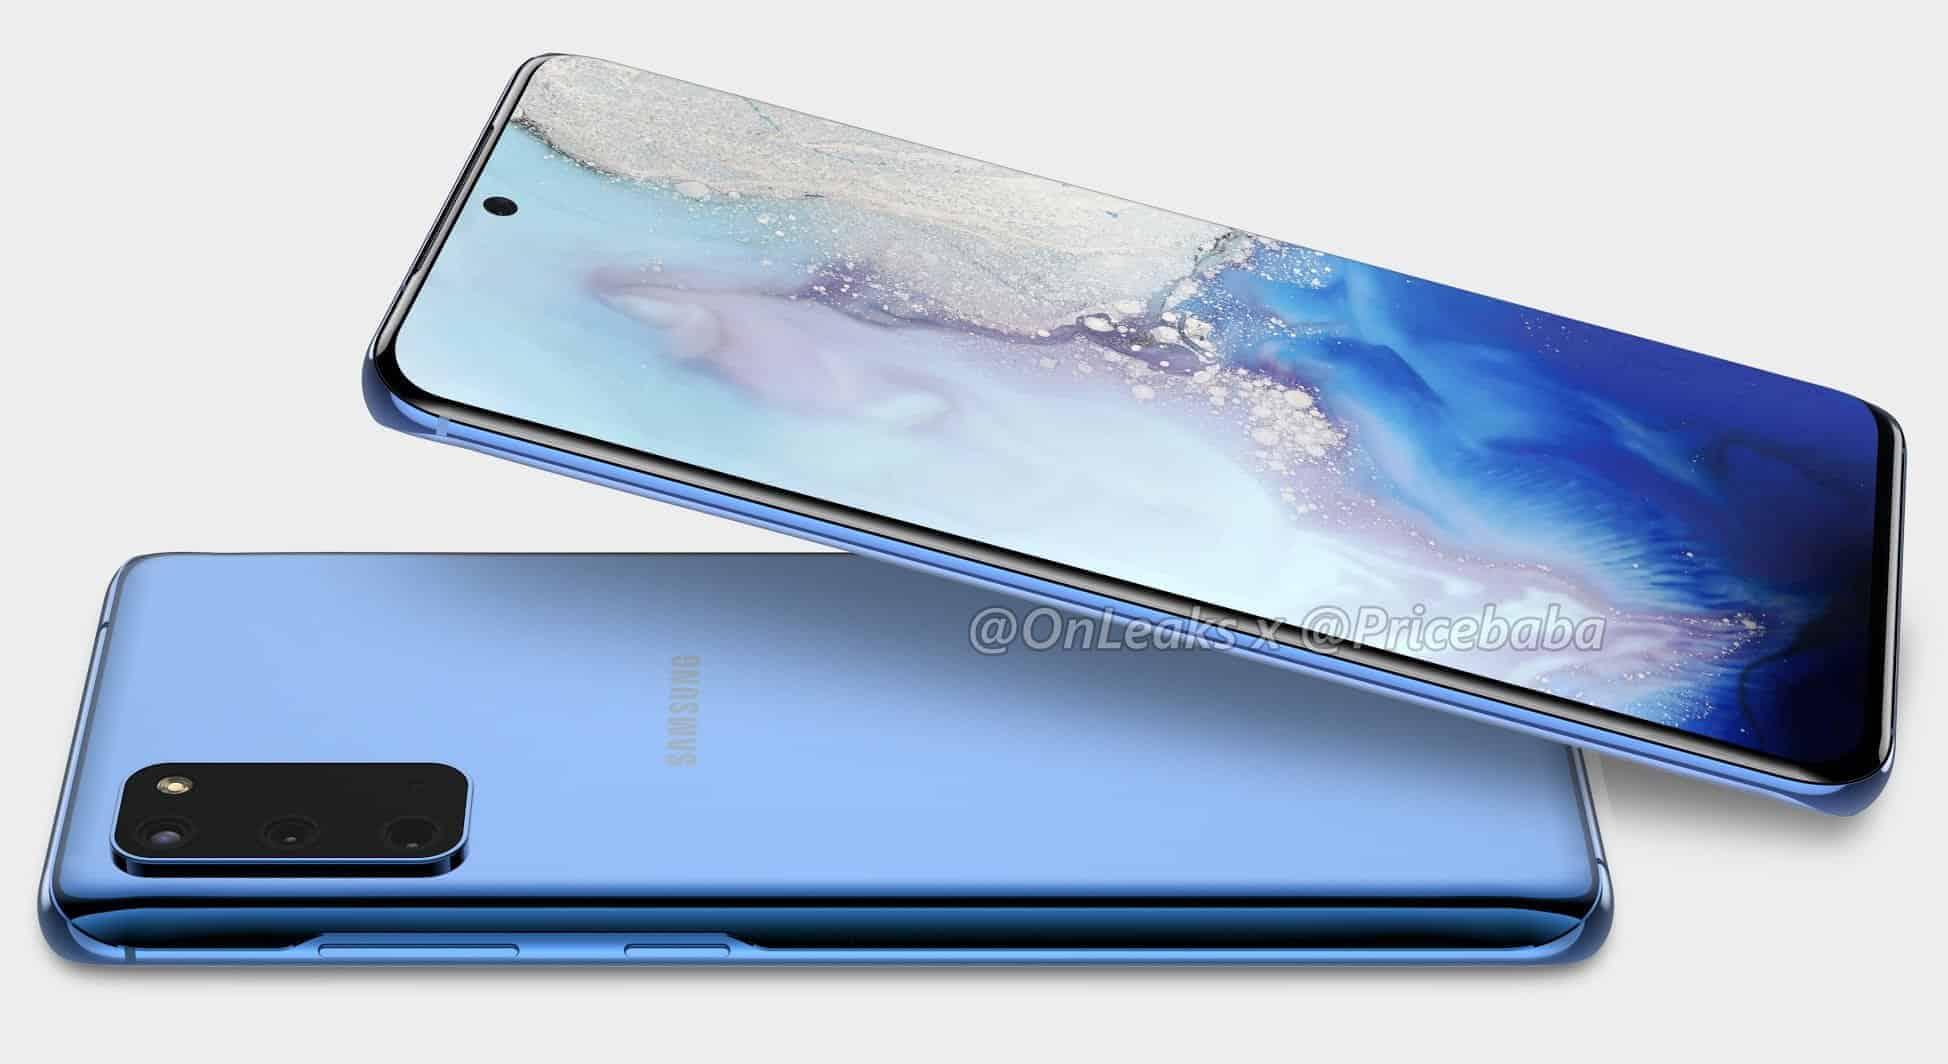 Южнокорейская компания Samsung в очередной раз удивила общественность своей новой разработкой На этот раз речь идет о презентации датчика изображений который получил